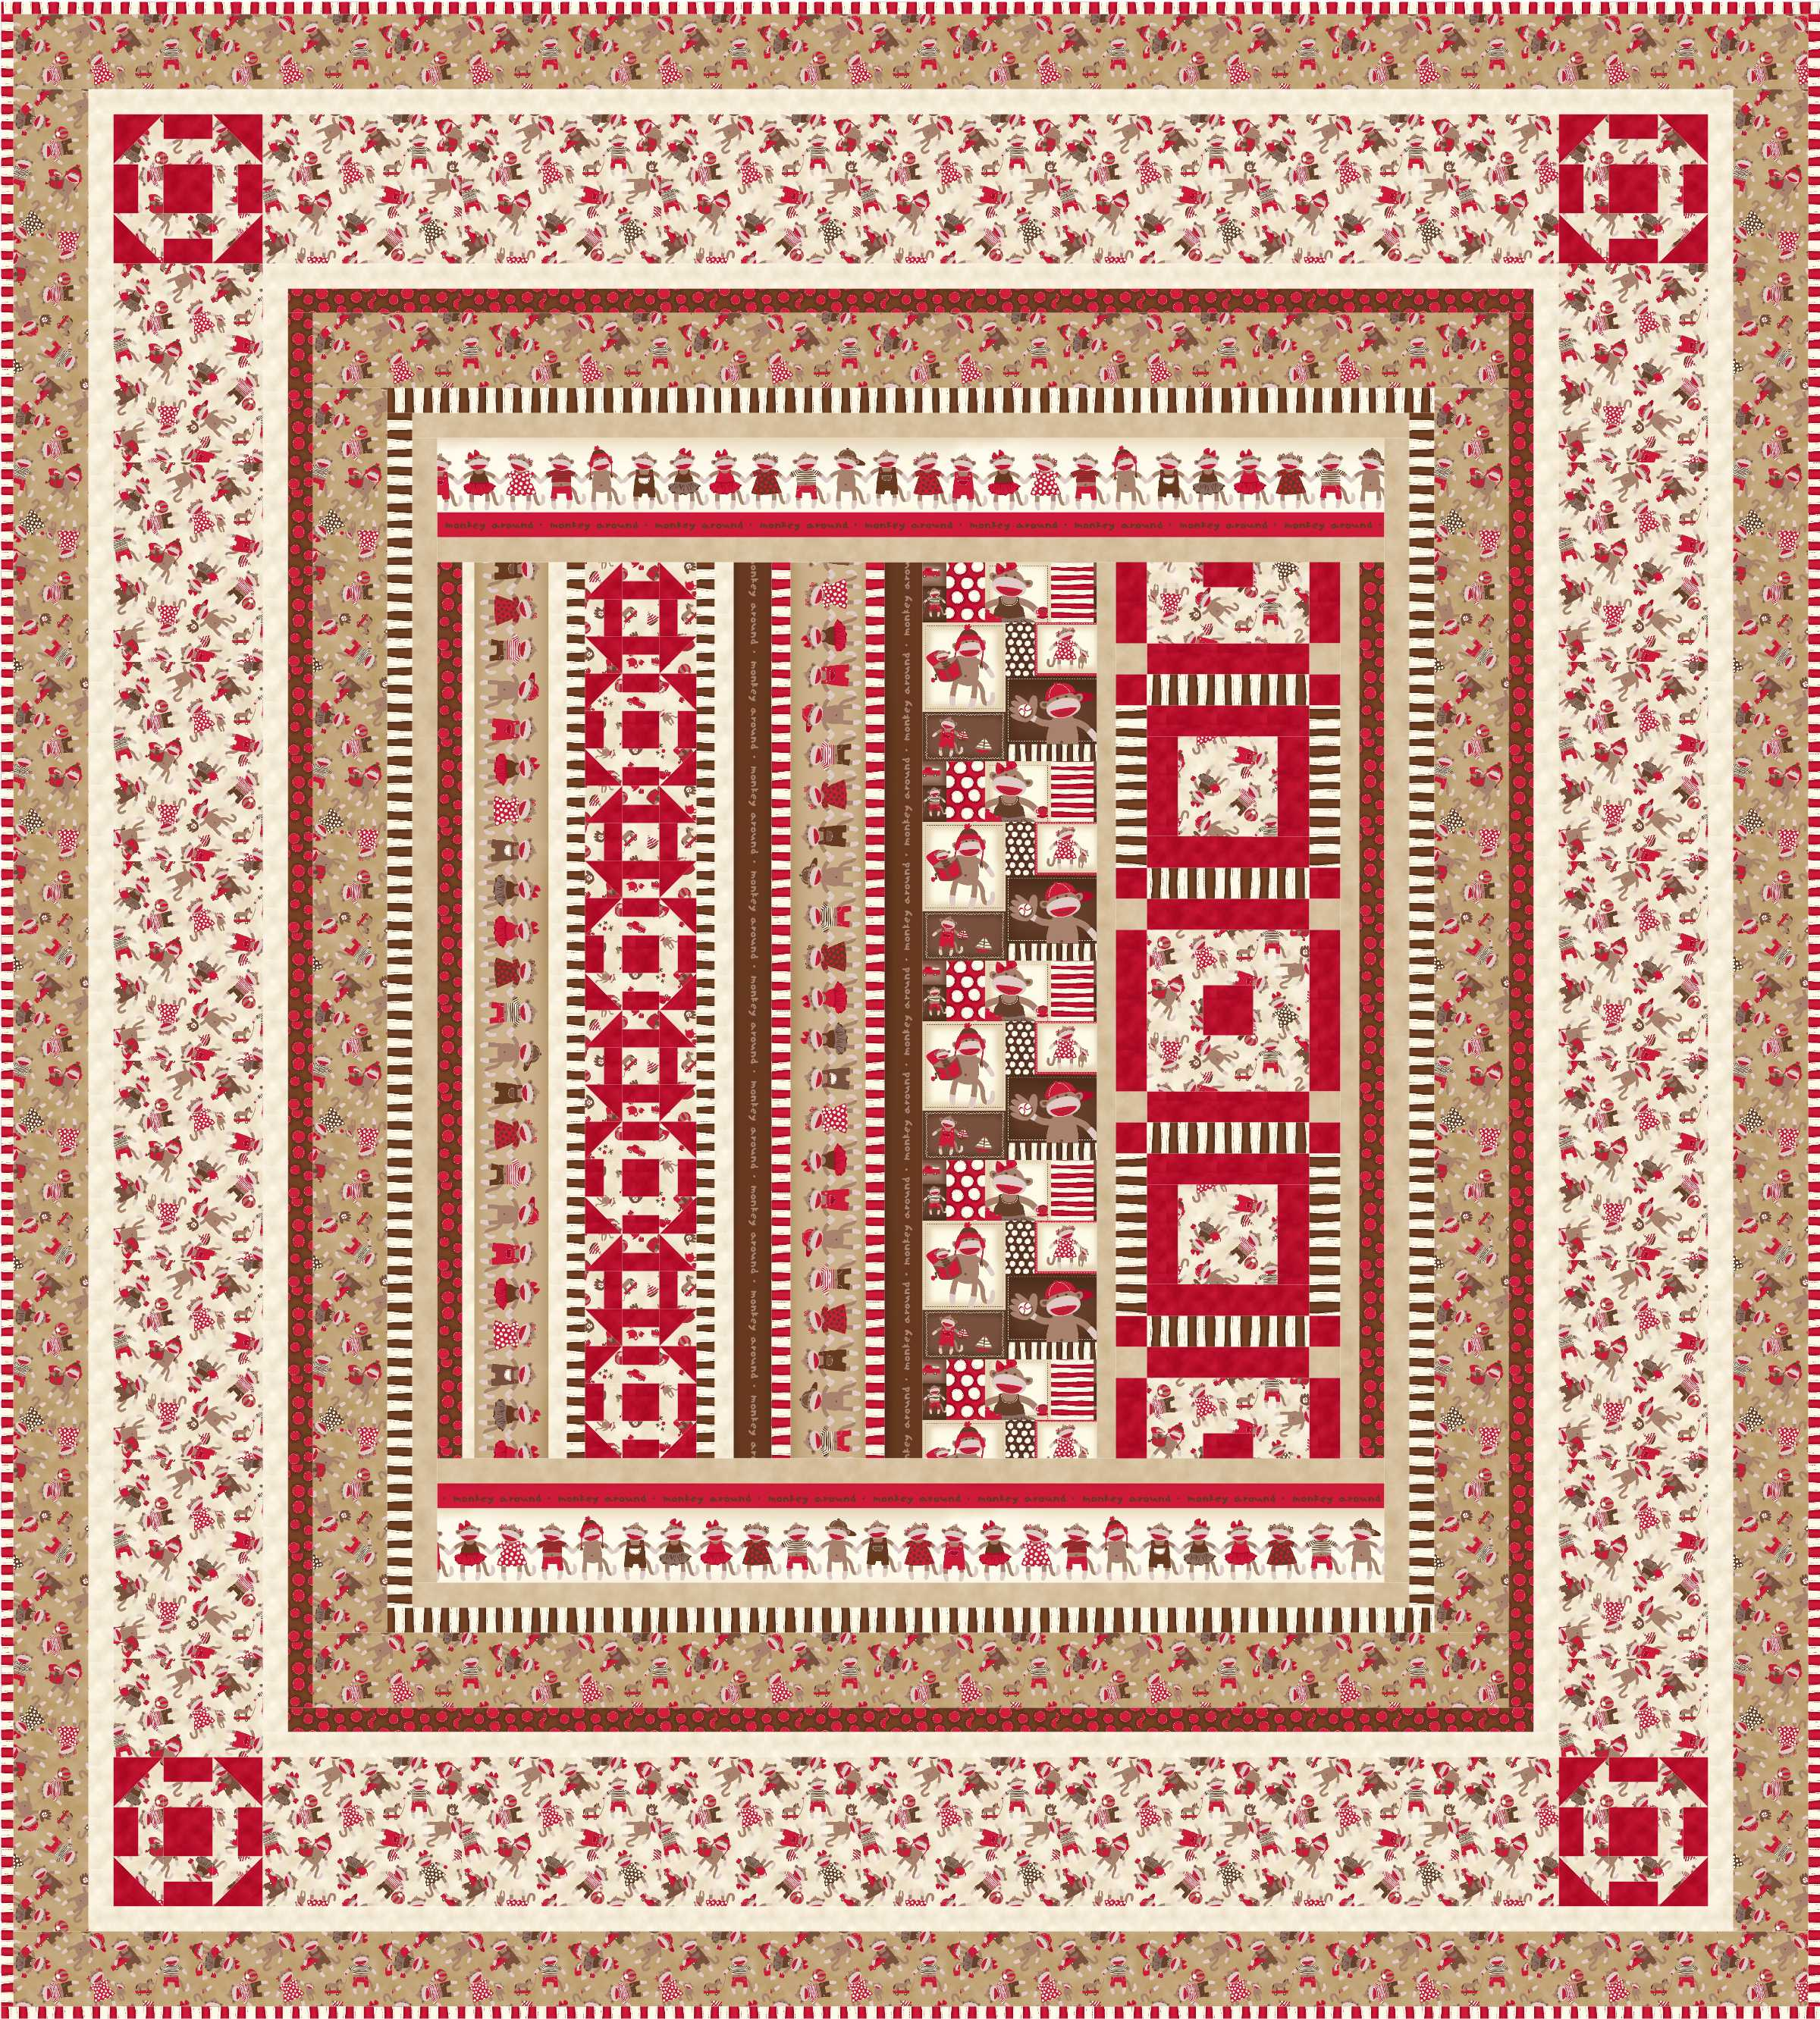 Baby crib quilt patterns free - Monkey Around1